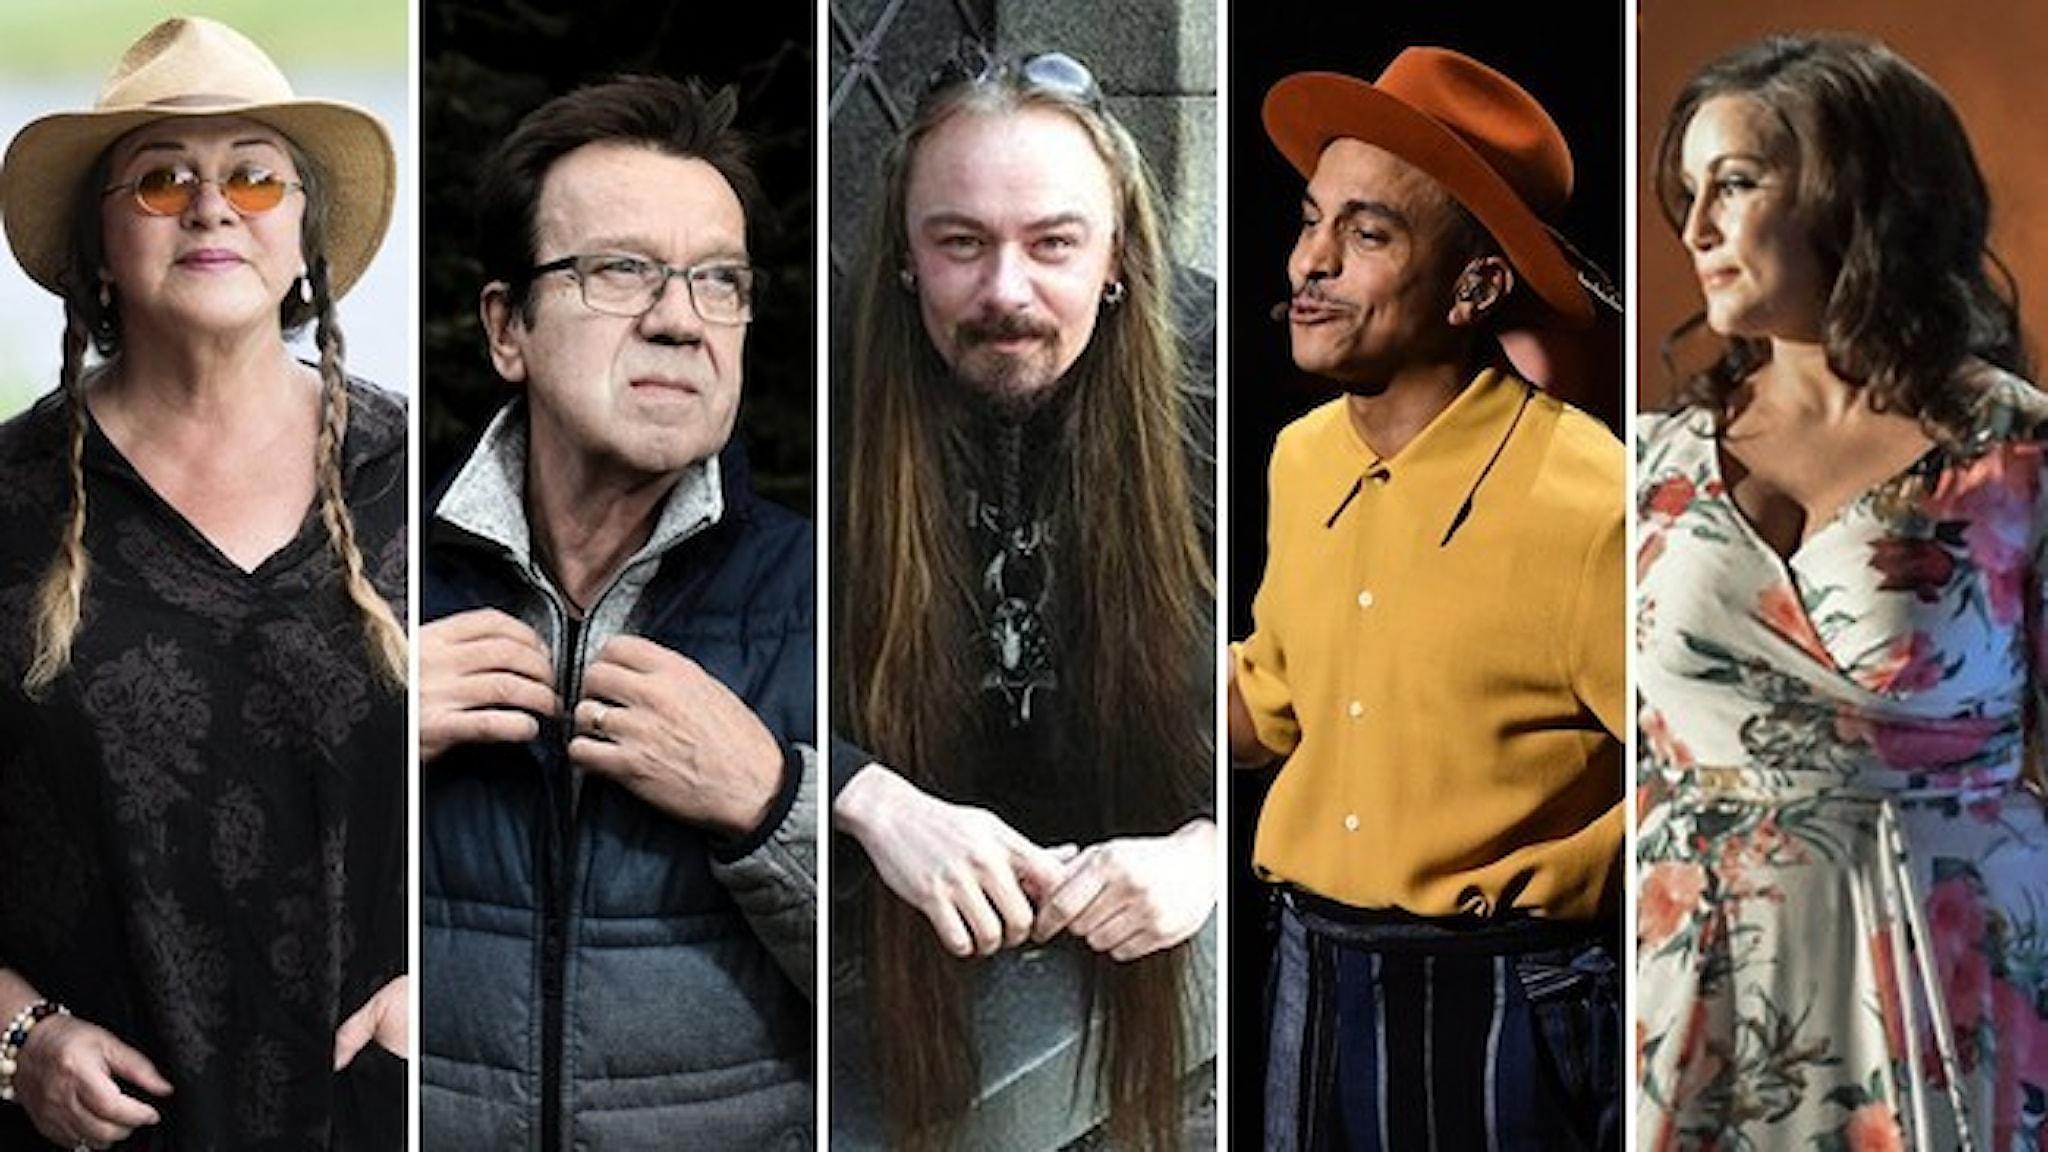 Porträtt av Py Bäckman, Björn Skifs, Bathory, Timbuktu och Lisa Nilsson väljs in i Swedish music hall of fame.